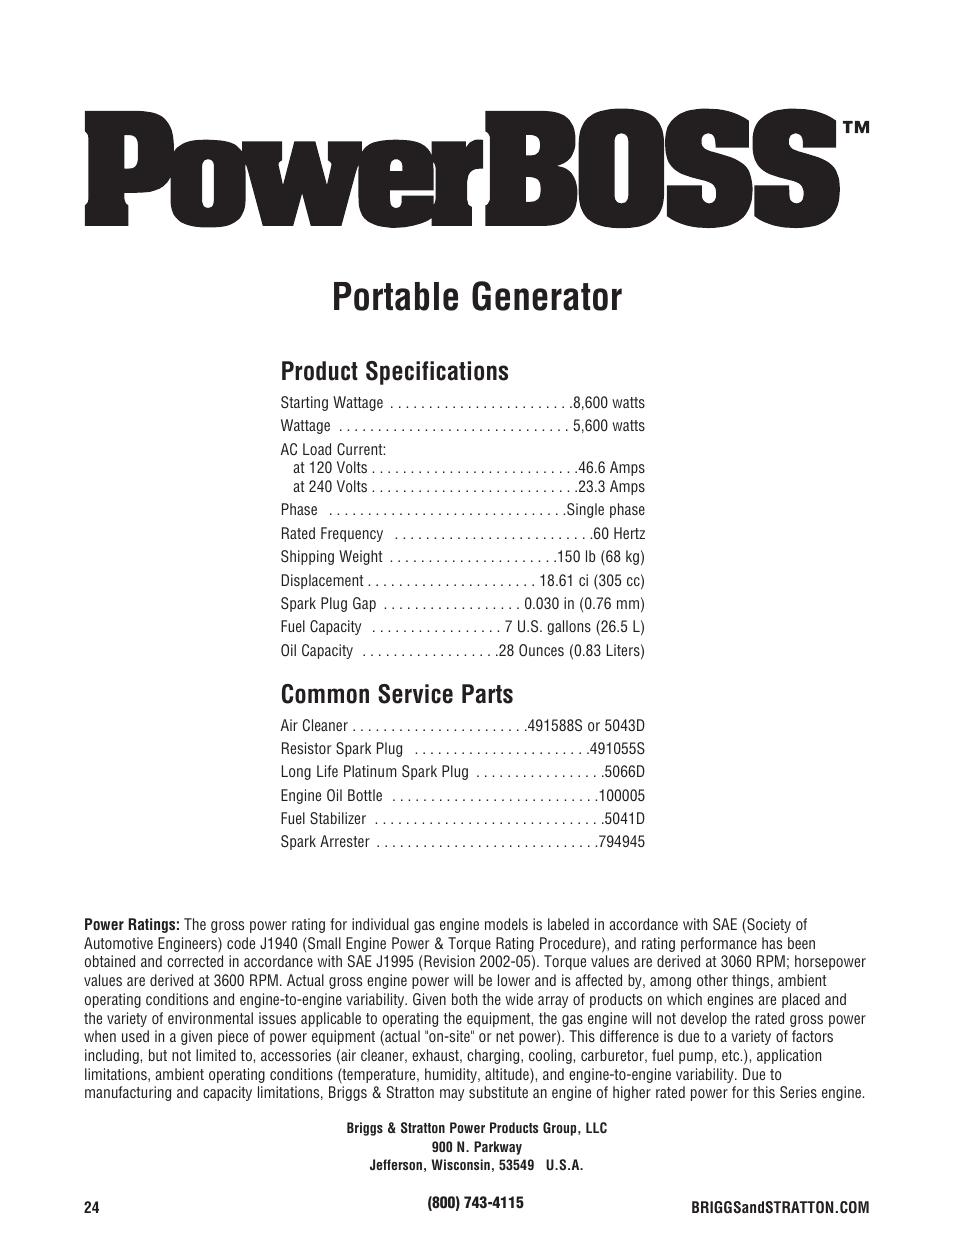 Especificaciones Del Producto Servicio Comn Briggs 26 Stratton Engine Diagram Despide Powerboss 5600 Watt User Manual Page 24 48